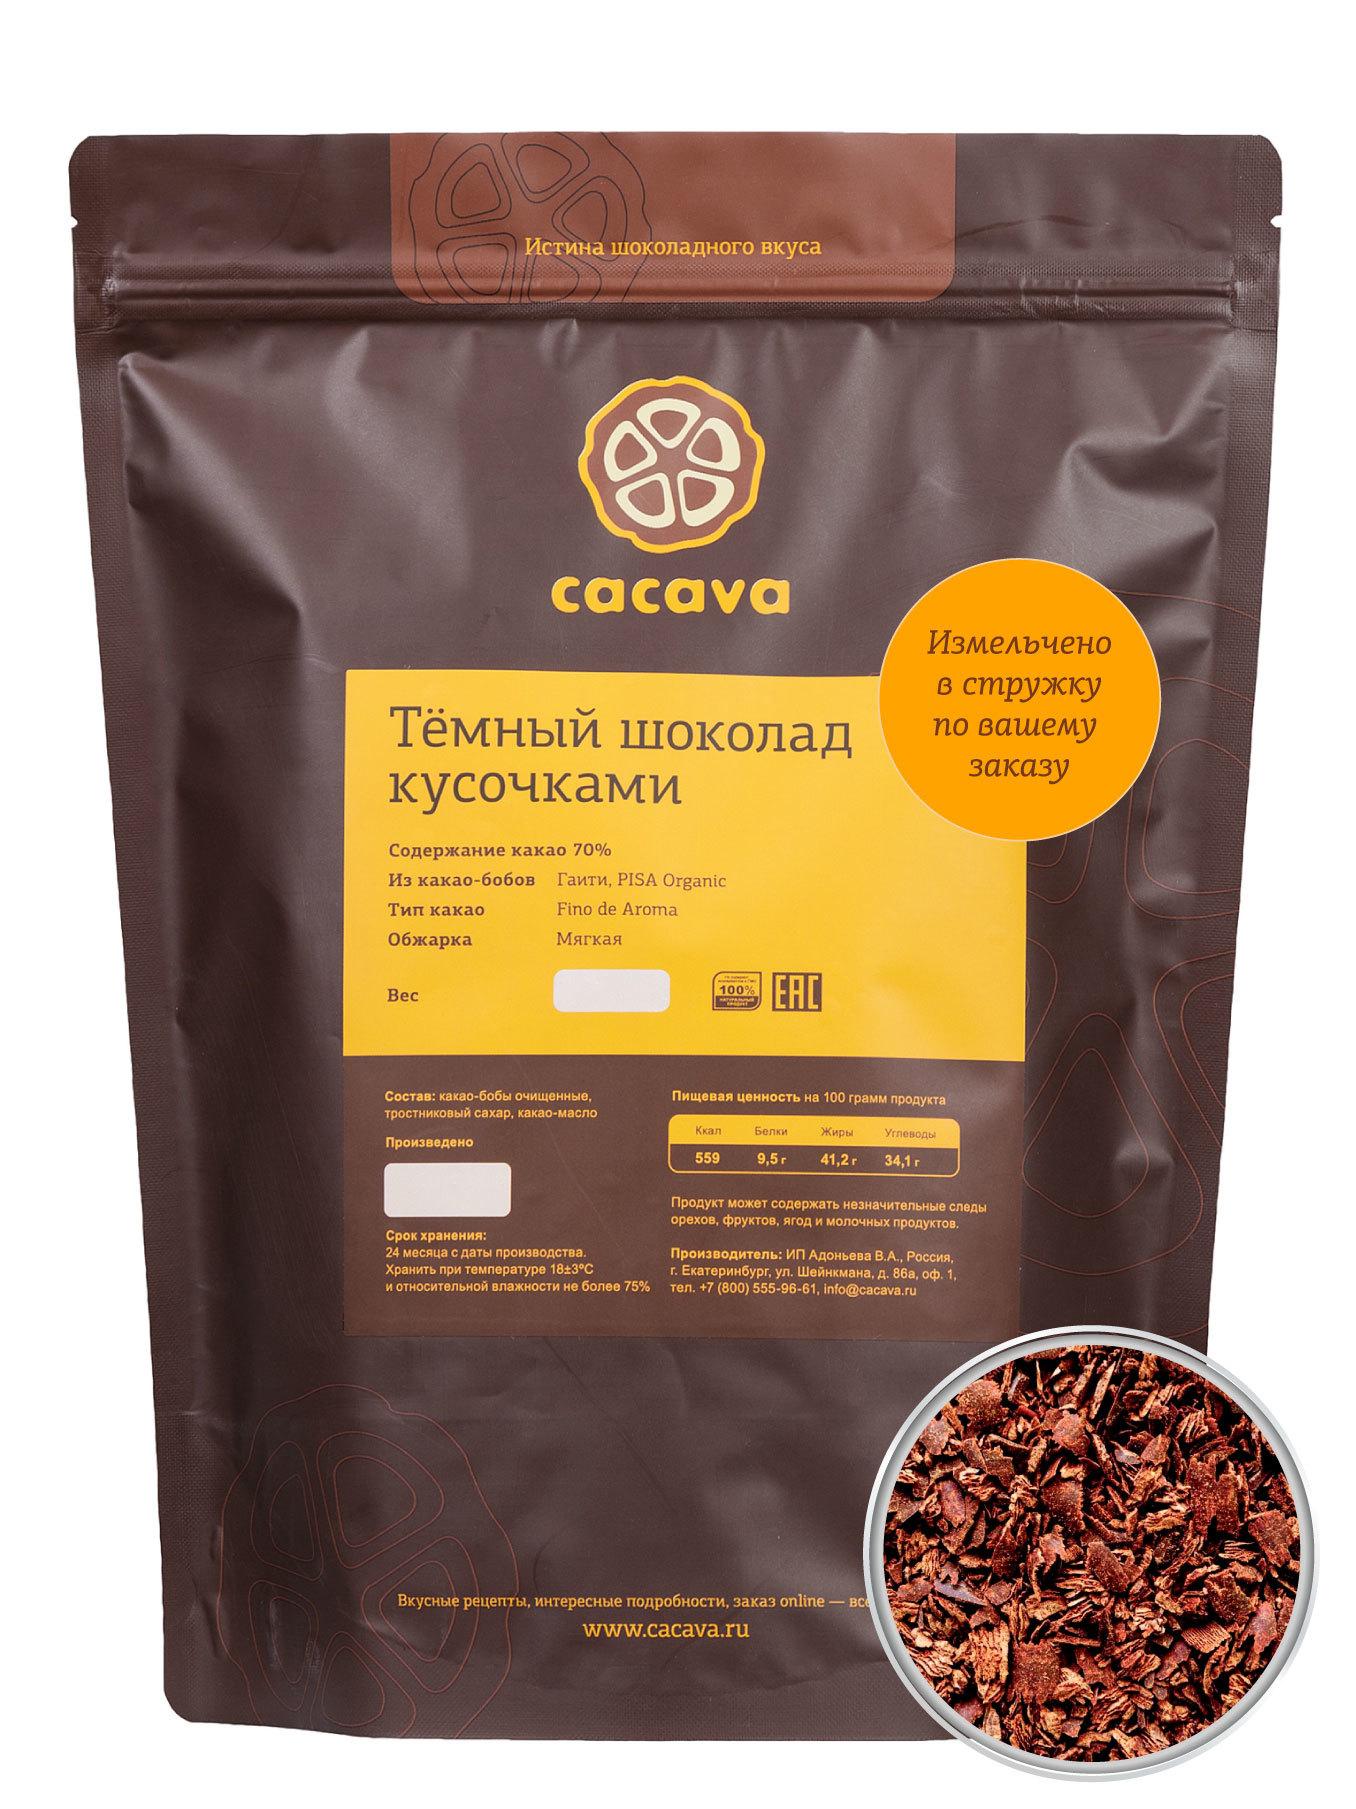 Тёмный шоколад 70 % какао в стружке (Гаити), упаковка 1 кг